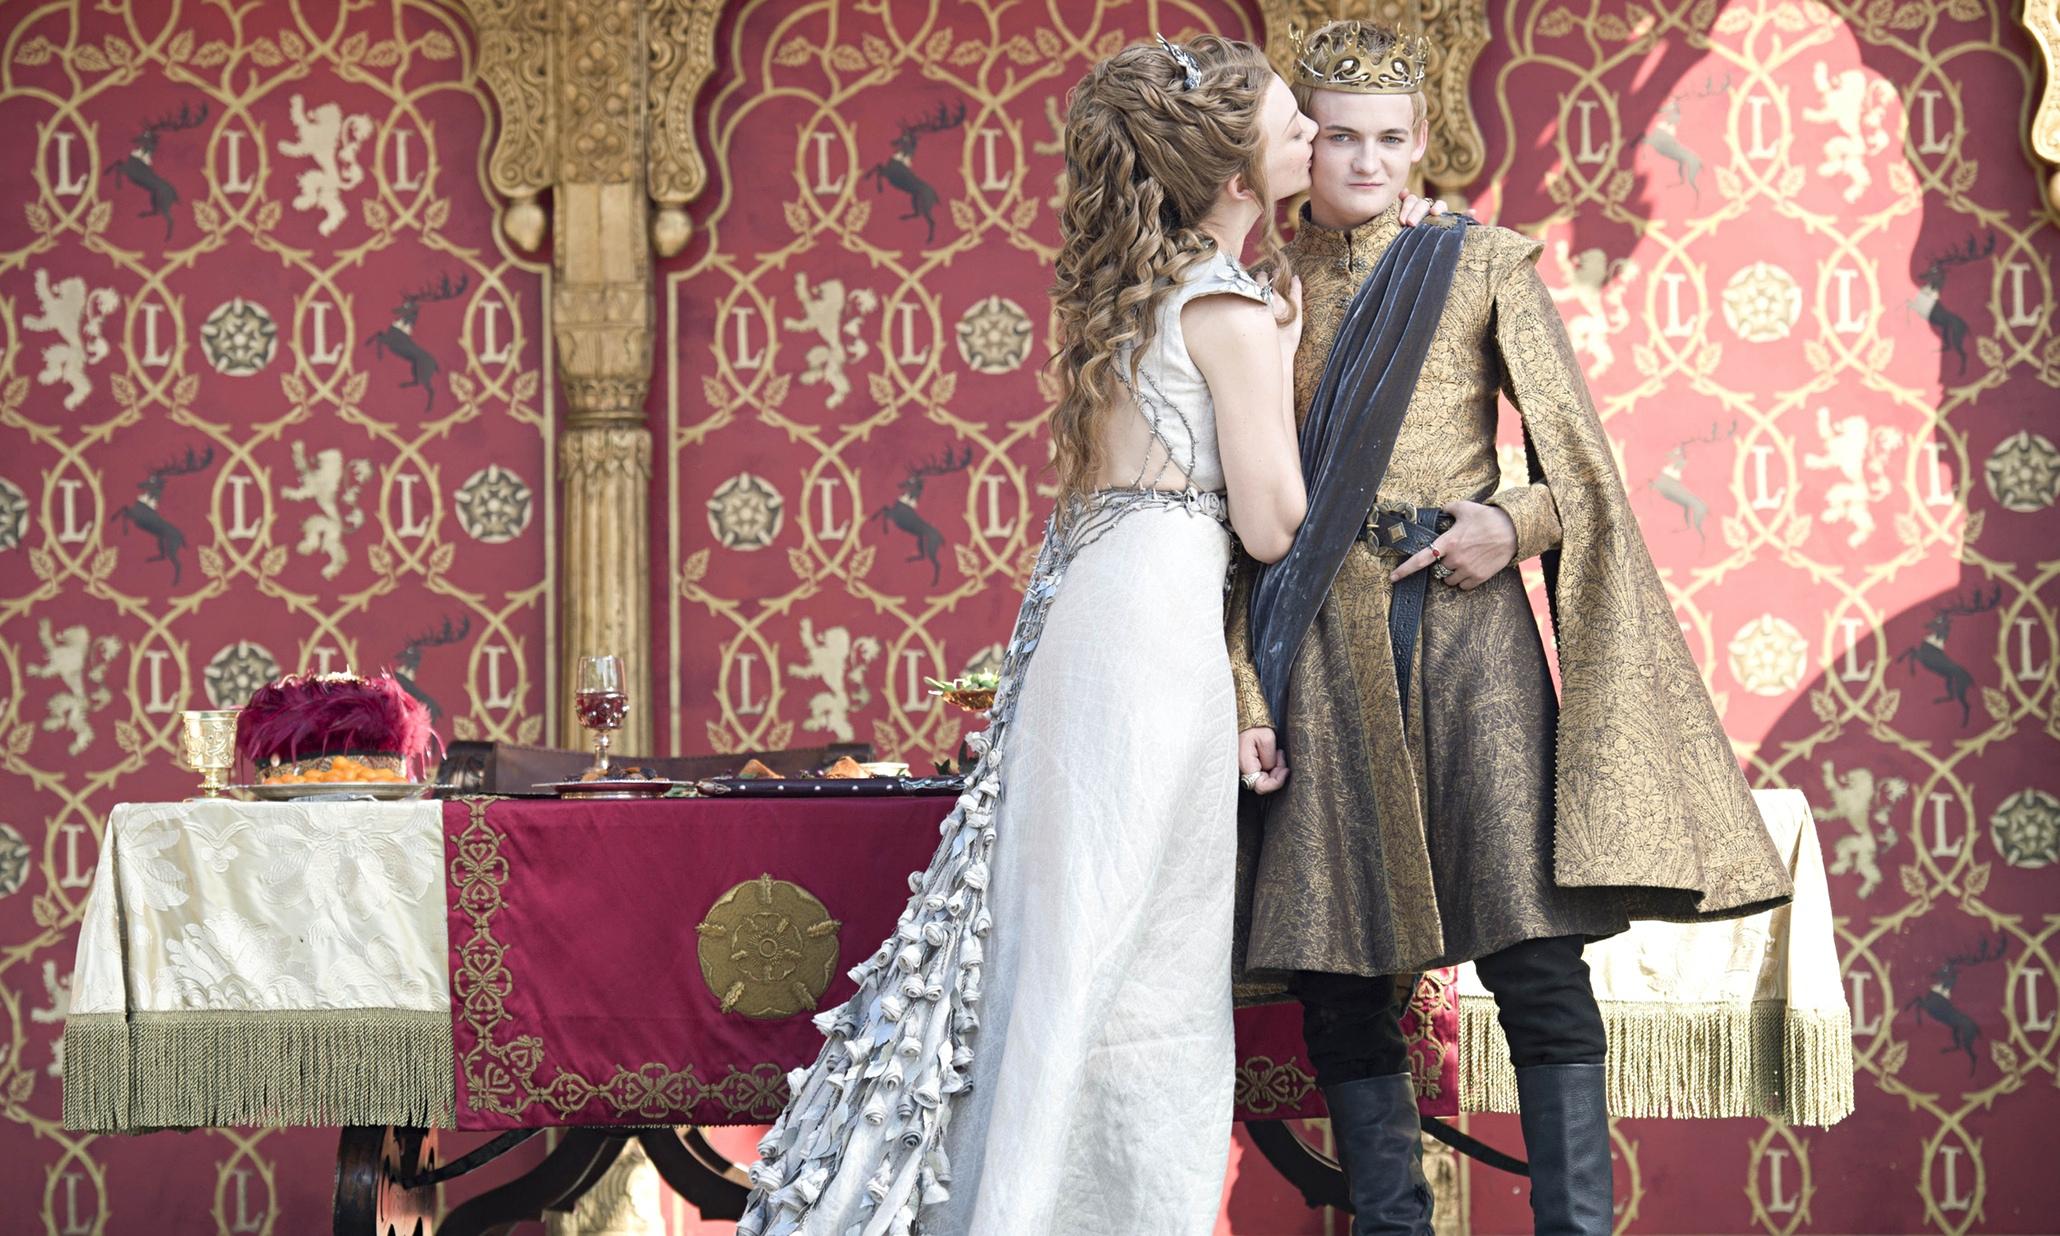 Μπορεί η μαρξιστική θεωρία να προβλέψει το τέλος του Game of Thrones;